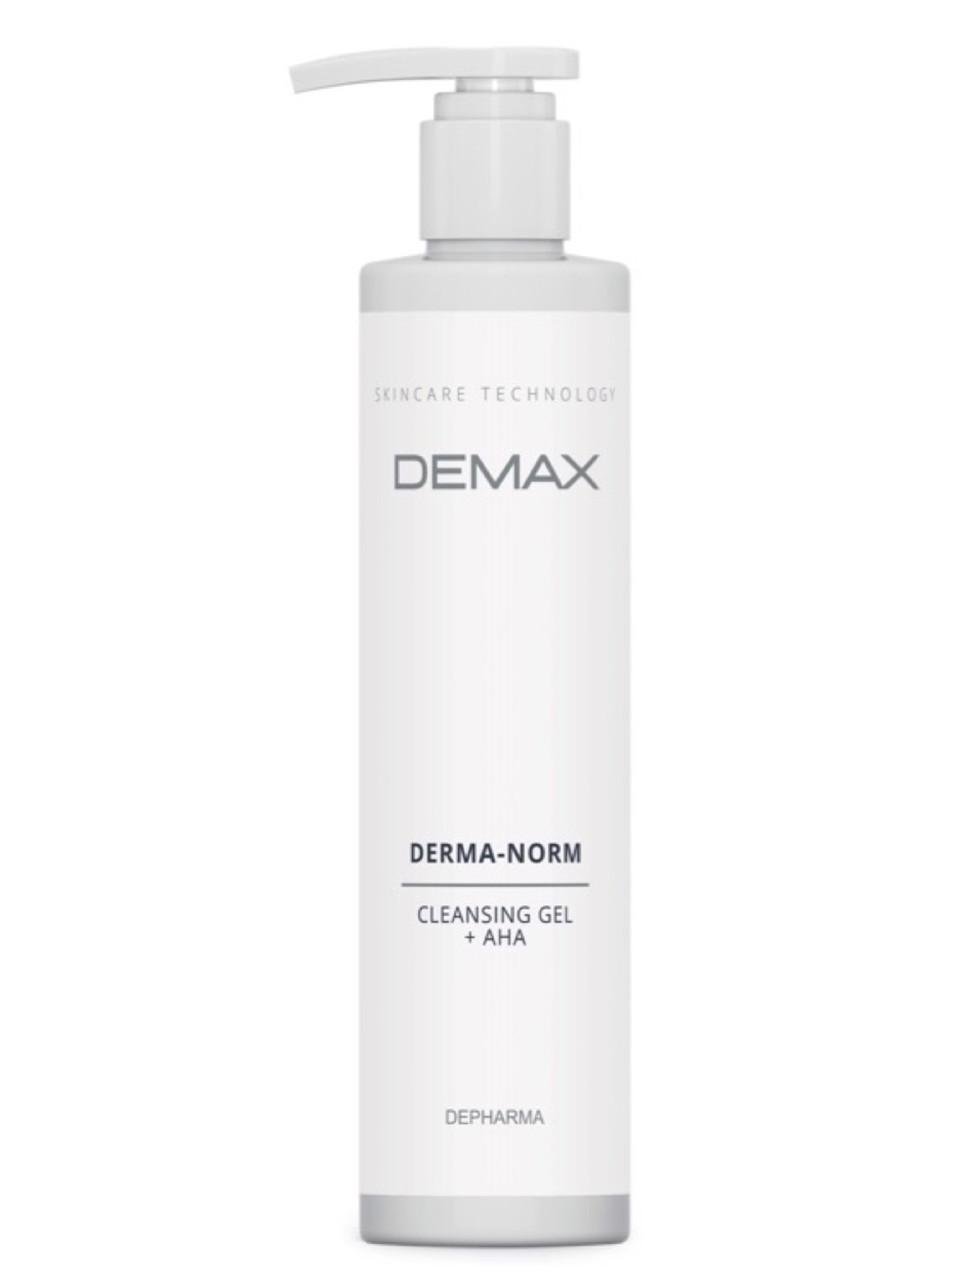 Гель для лица Очищающий для комбинированной кожи Demax АНА Derma norm cleansing gel 250ml арт.186-1